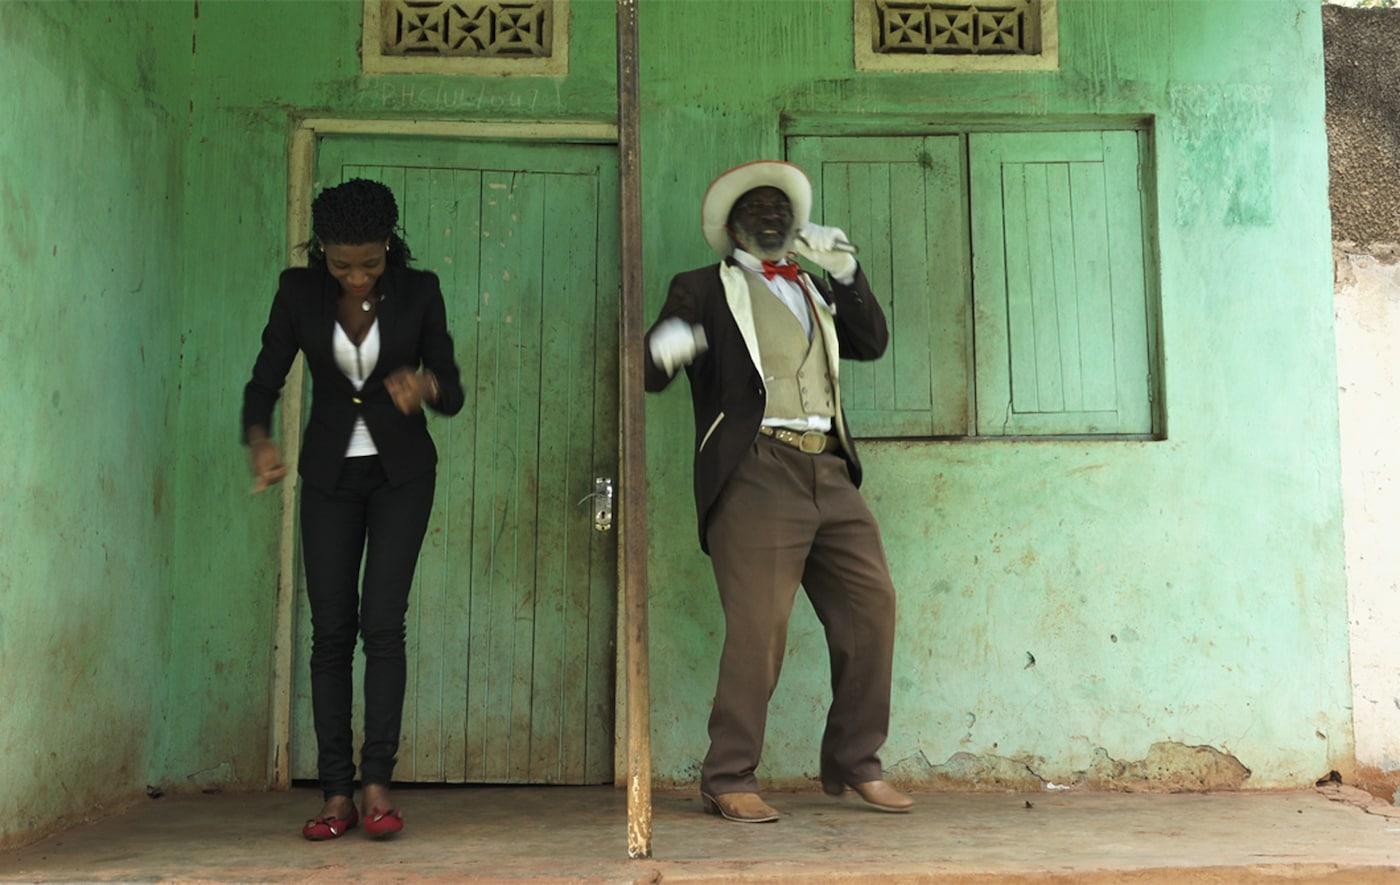 Mężczyzna i kobieta w eleganckich ubraniach tańczą przed zielonym budynkiem.